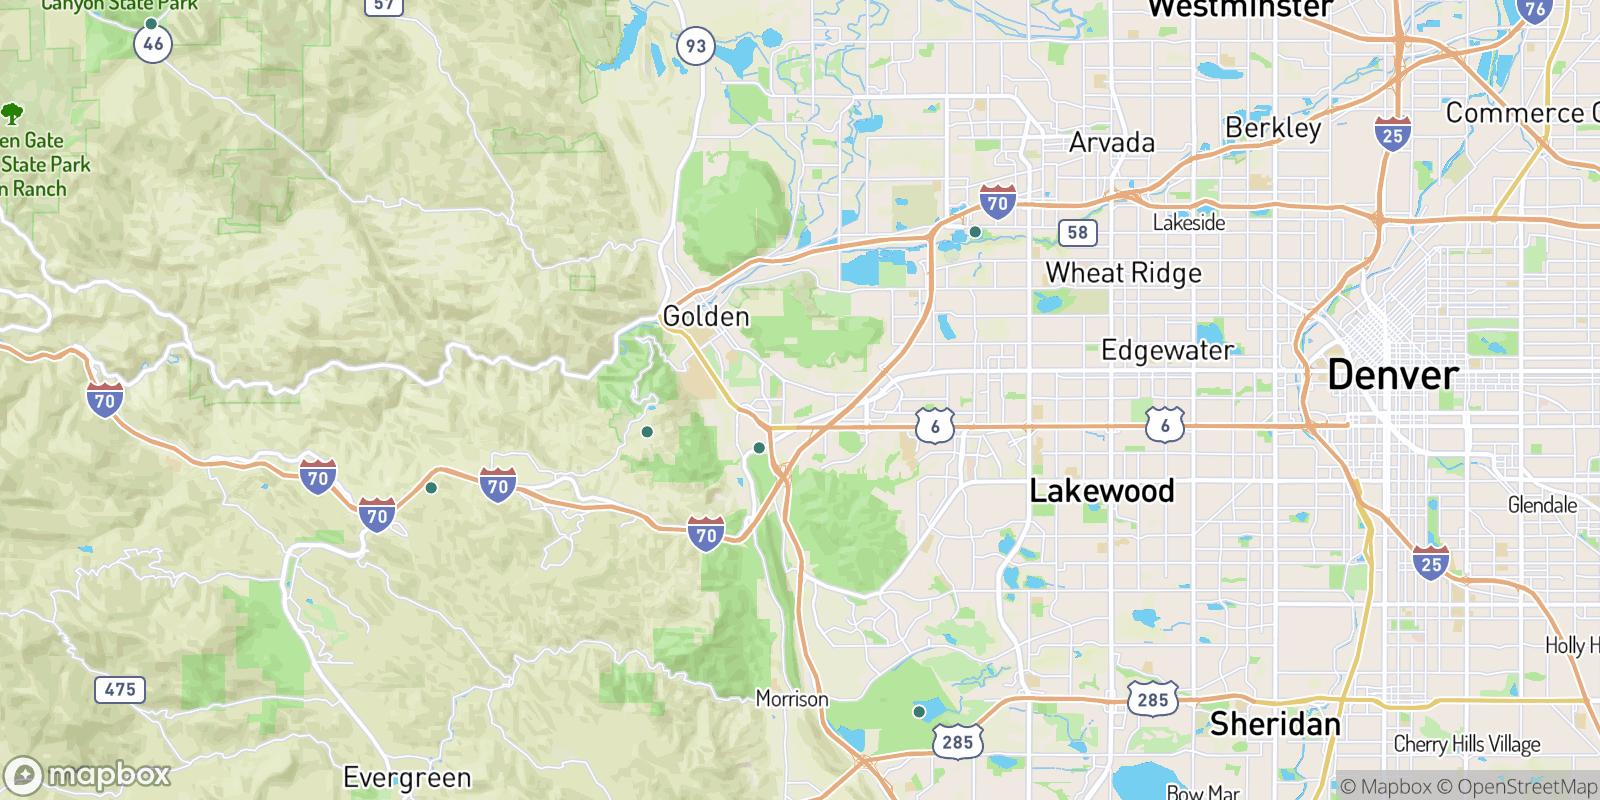 The best camping near Vernon Gardens, Colorado